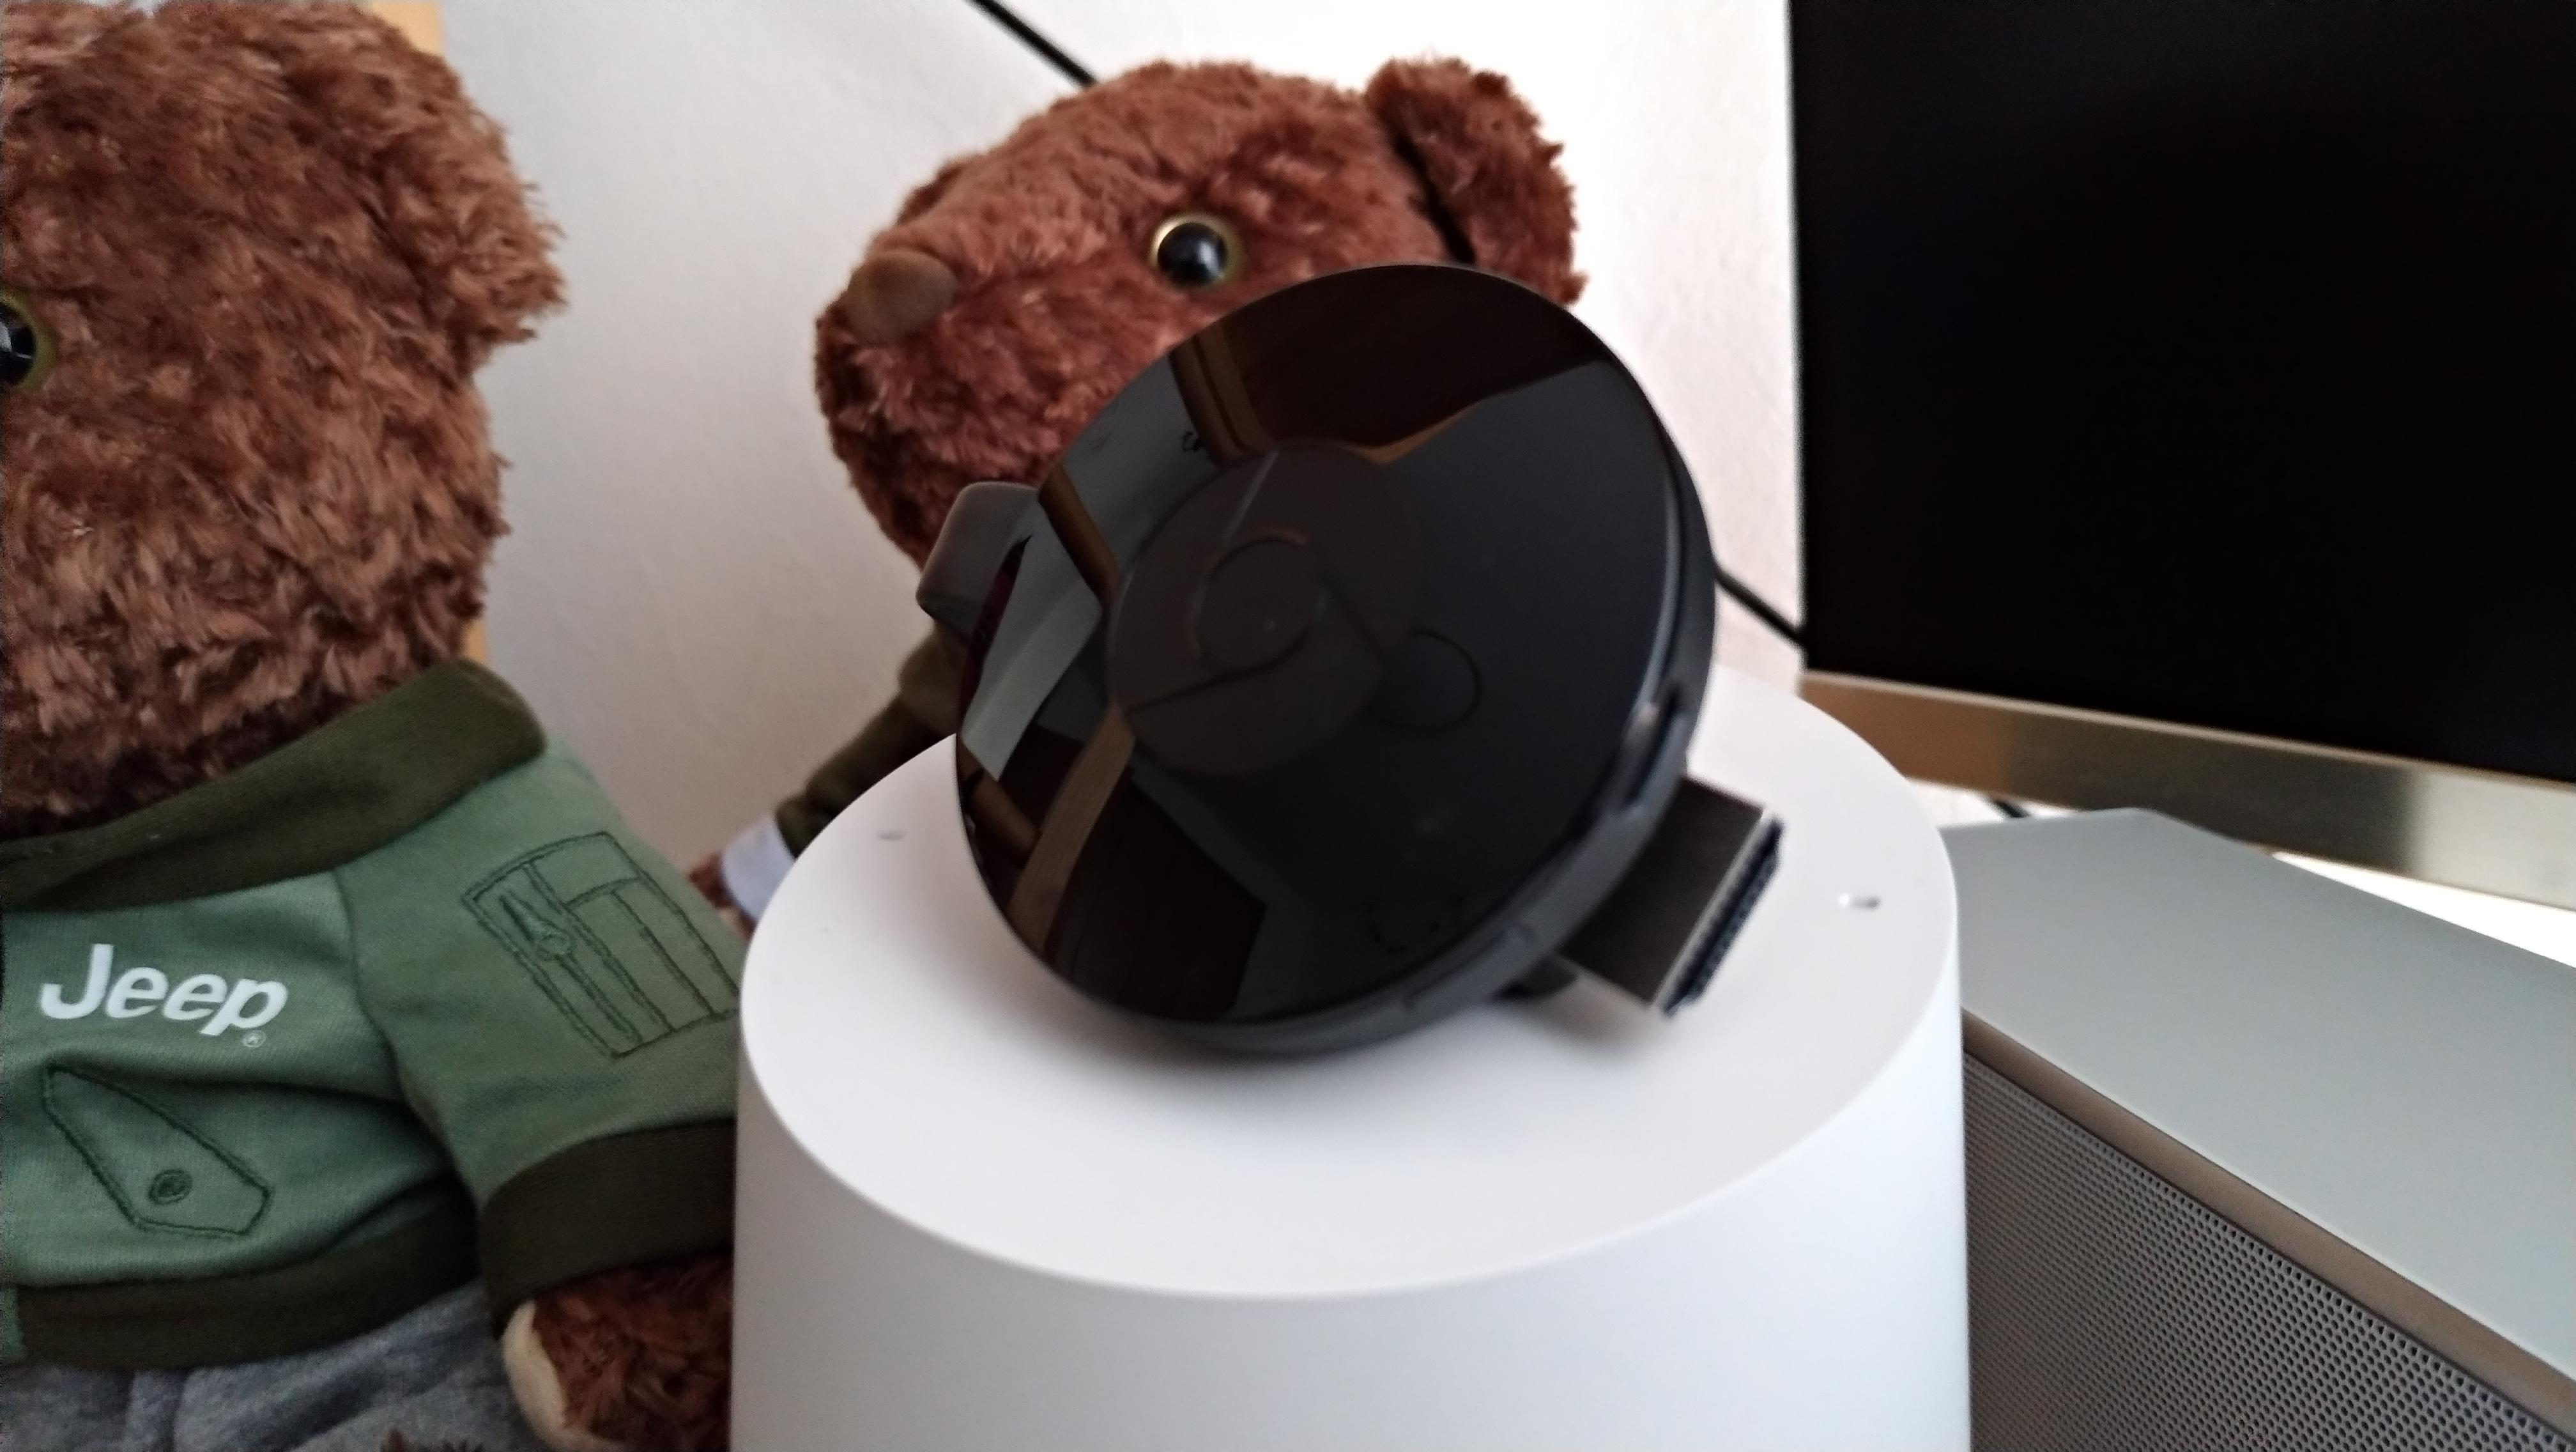 ChromecastとChromecast Ultraの比較